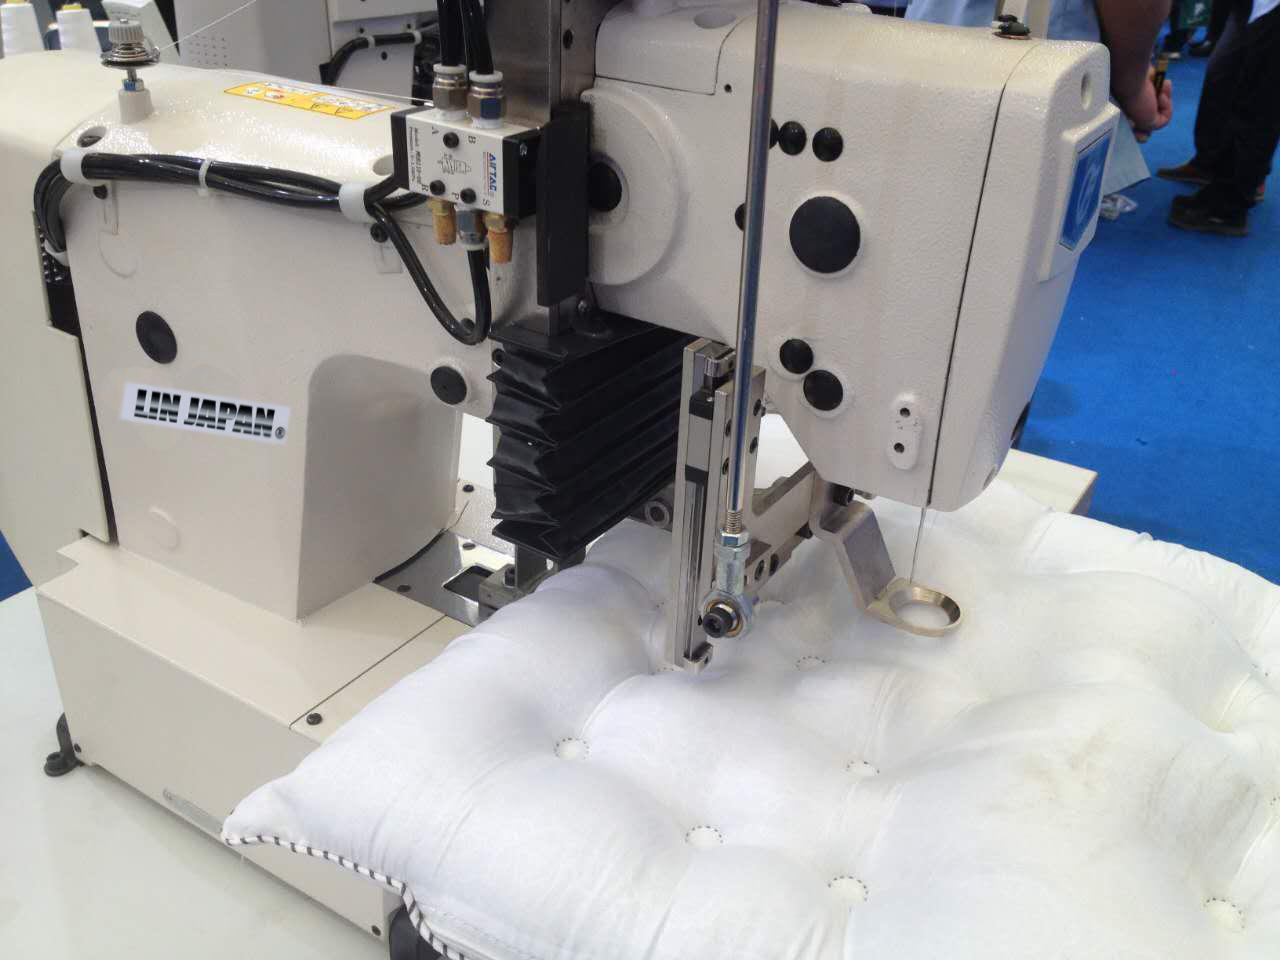 【中古】1本針本縫い電子模様縫い改造ミシン・モデルNO-SSM-1254型 厚み10cmまでの比較的柔らかい素材の縫製にお使いください。「クッション・座布団・布団等」